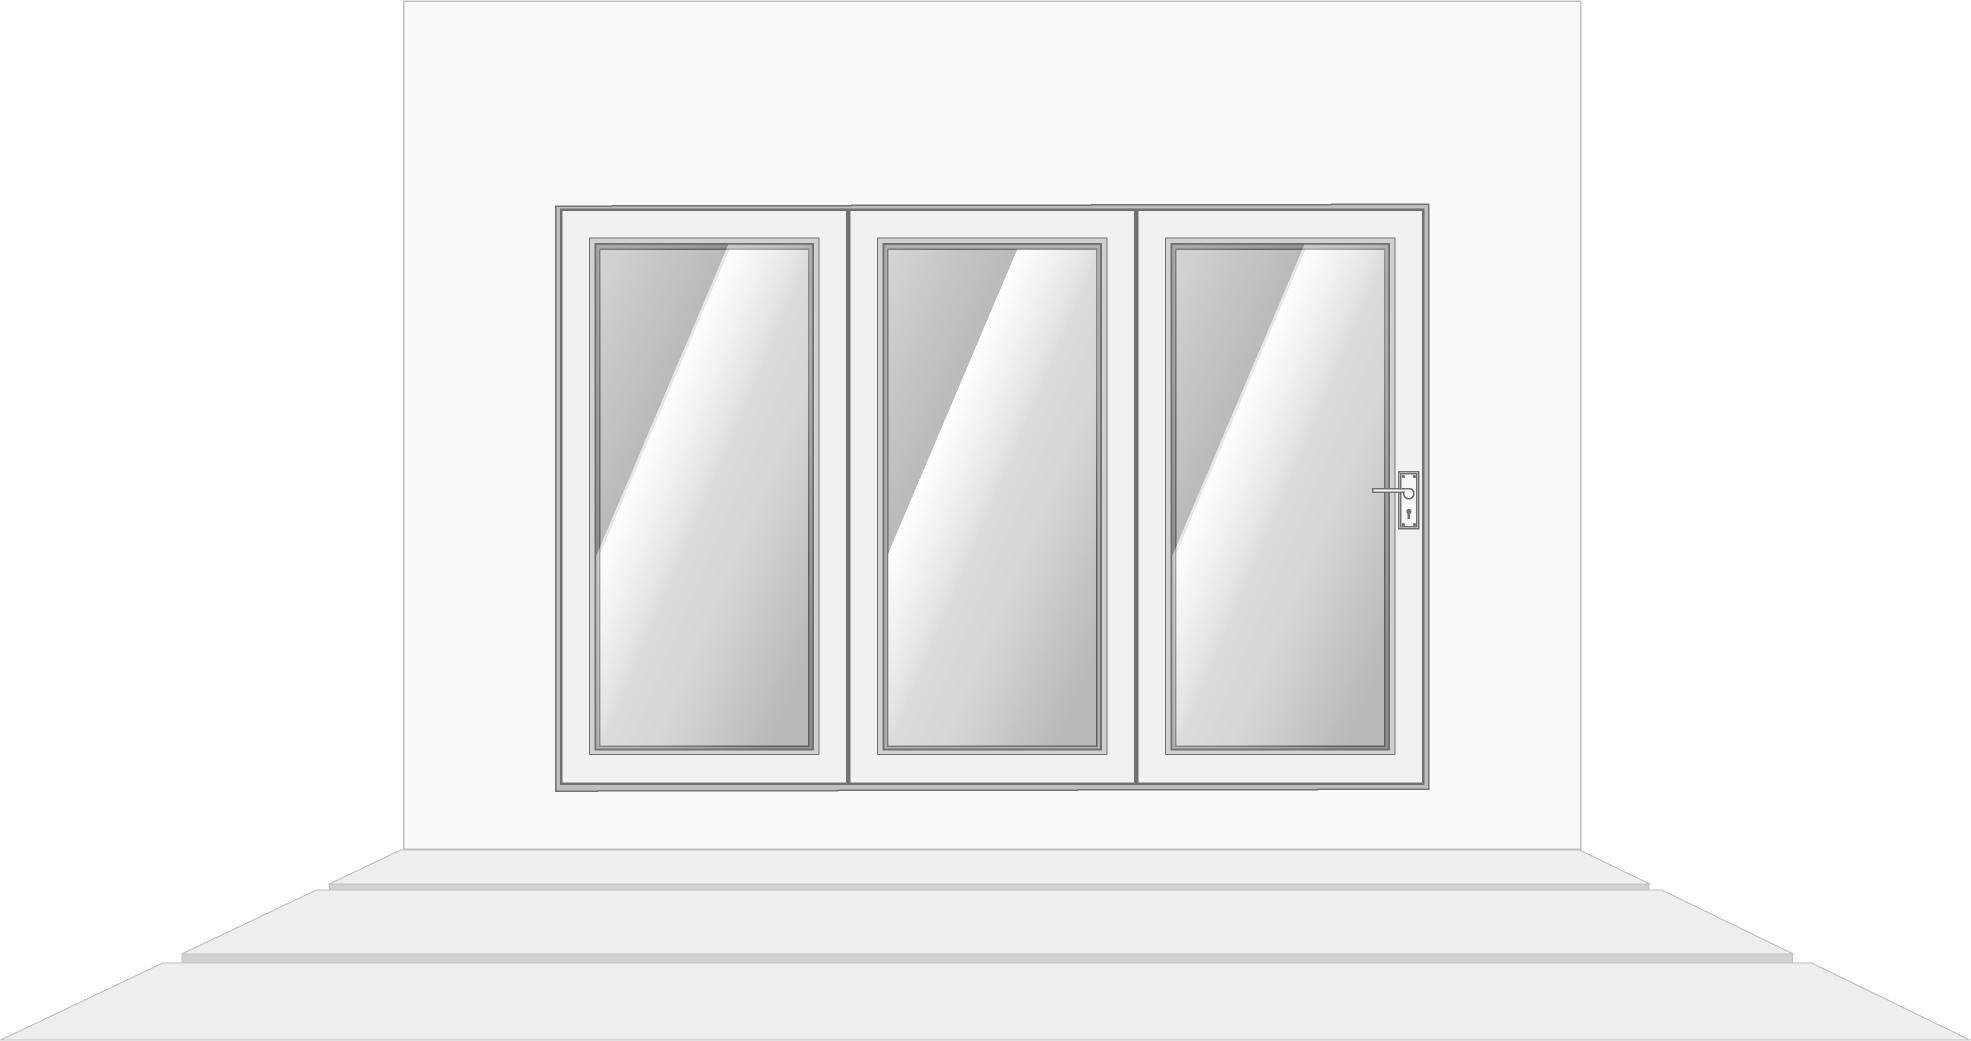 3-door left opening, closed